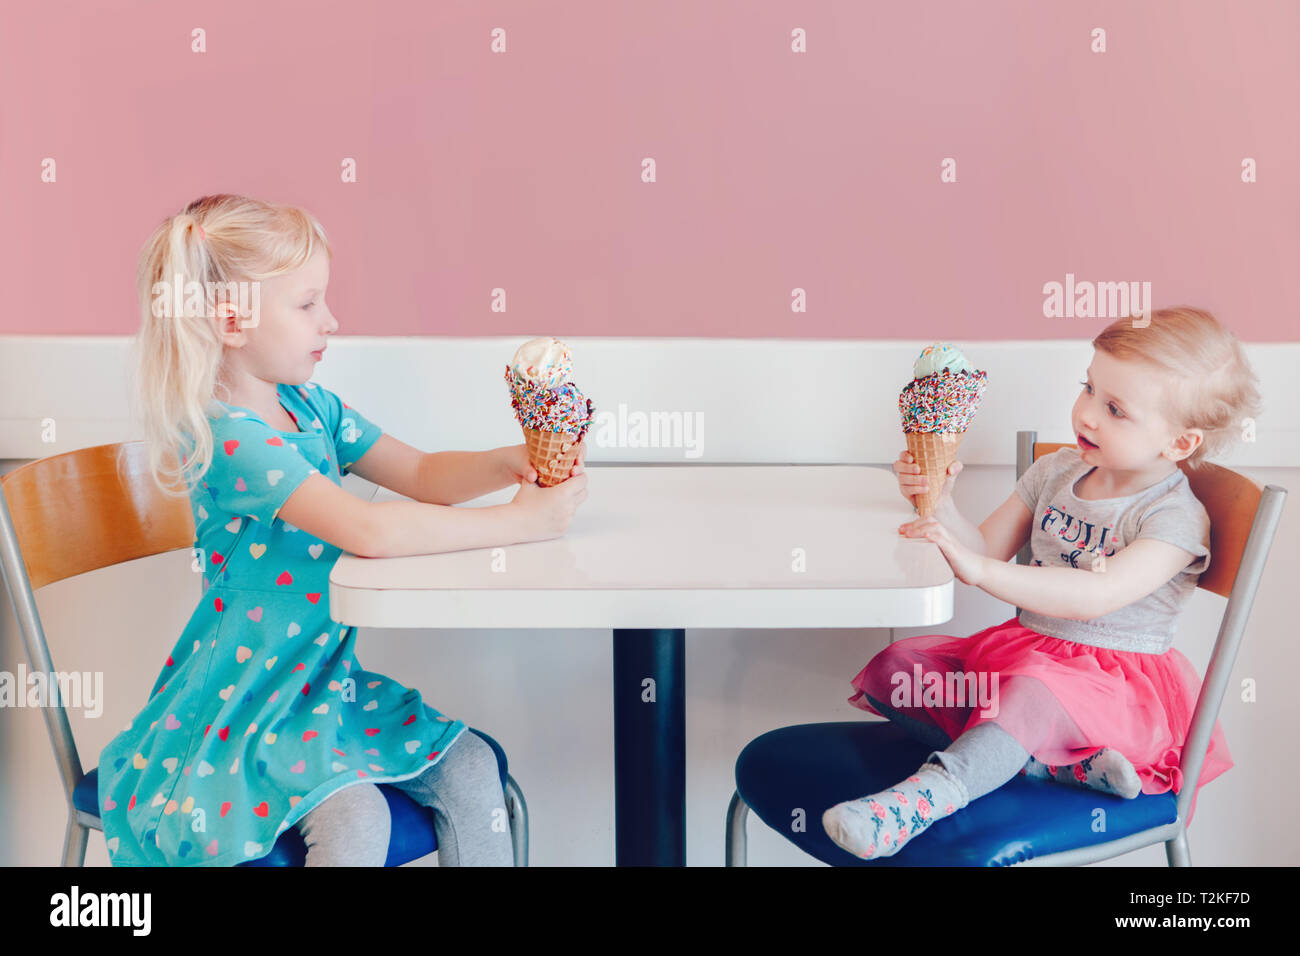 Stile di vita ritratto di due felice Caucasian carino adorabili bambini divertenti ragazze seduti insieme la vanteria vantando il loro gelato. Amore invidia gelosa sis Immagini Stock